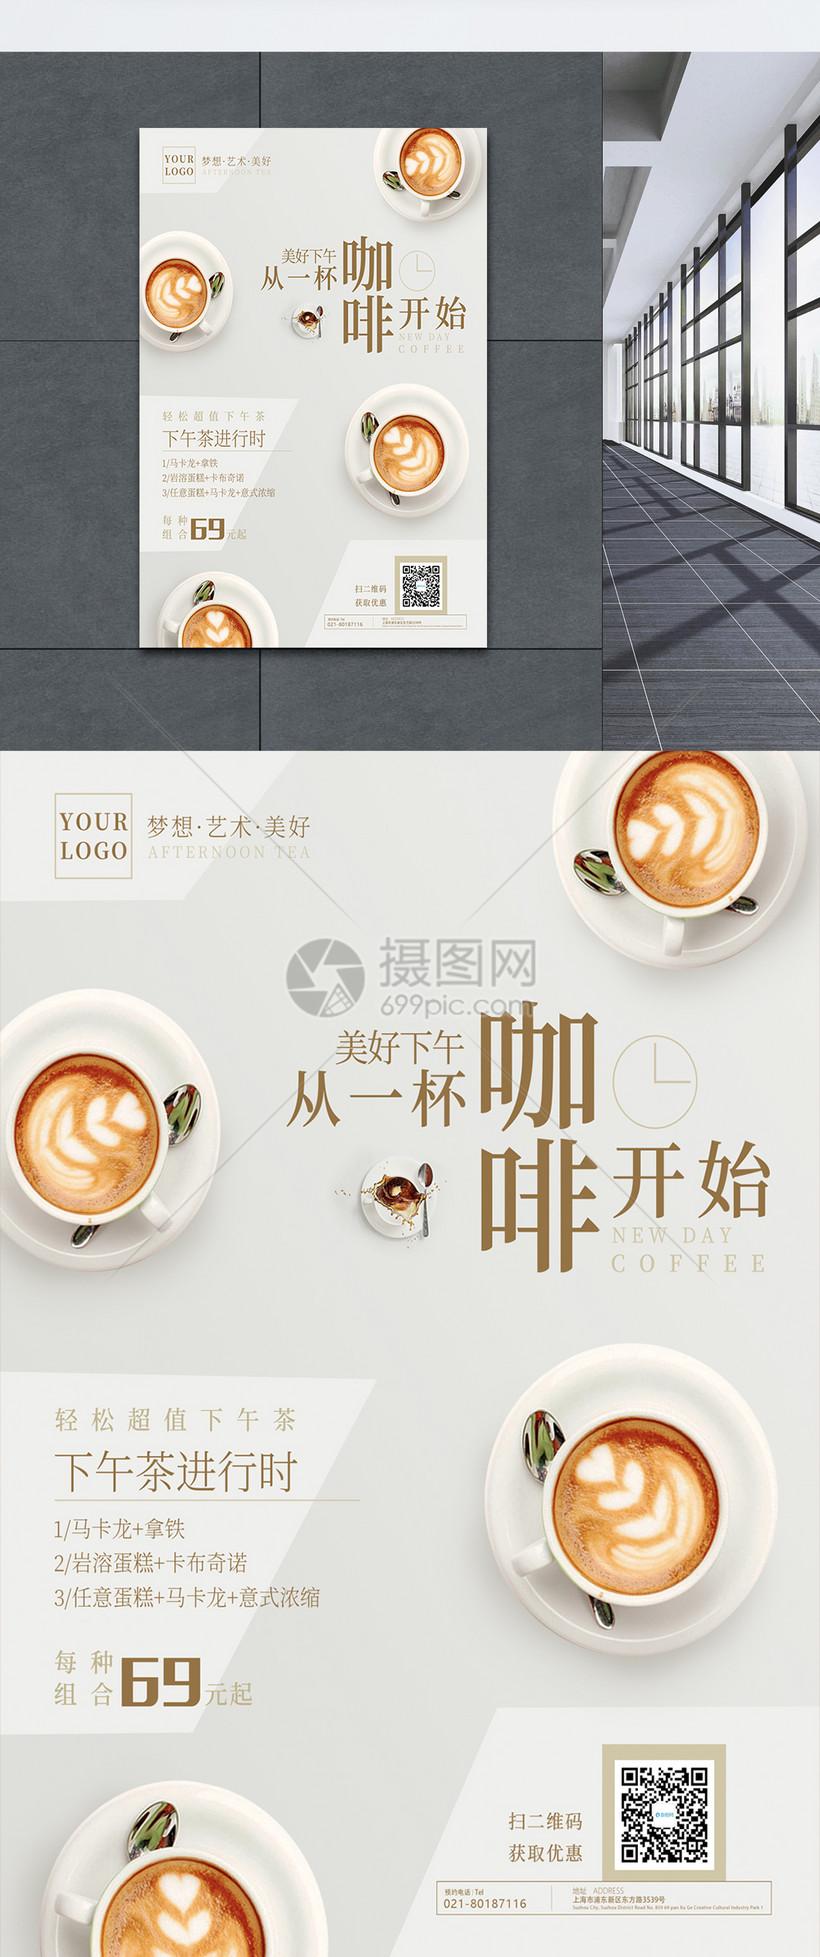 甜点制作视频_咖啡下午茶甜点海报设计模板素材-正版图片400137281-摄图网